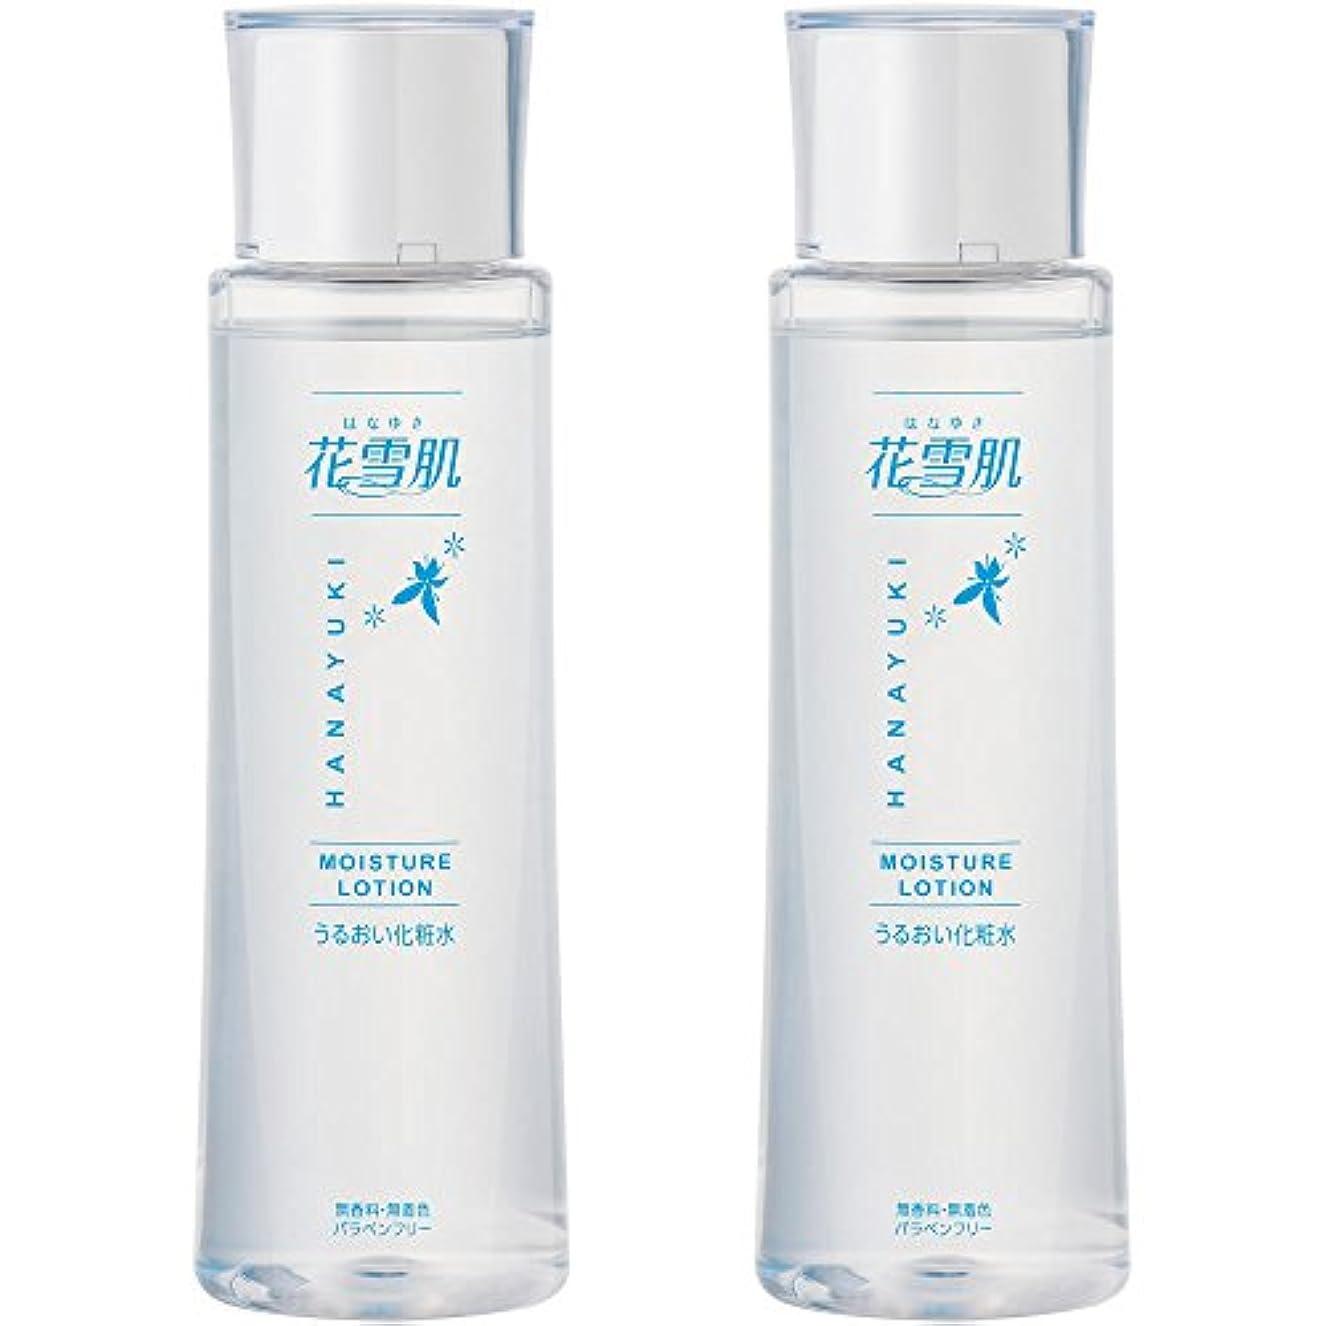 花雪肌 うるおい化粧水 (200ml × 2本セット) [10種類の美容液成分を配合] ヒアルロン酸 コラーゲン